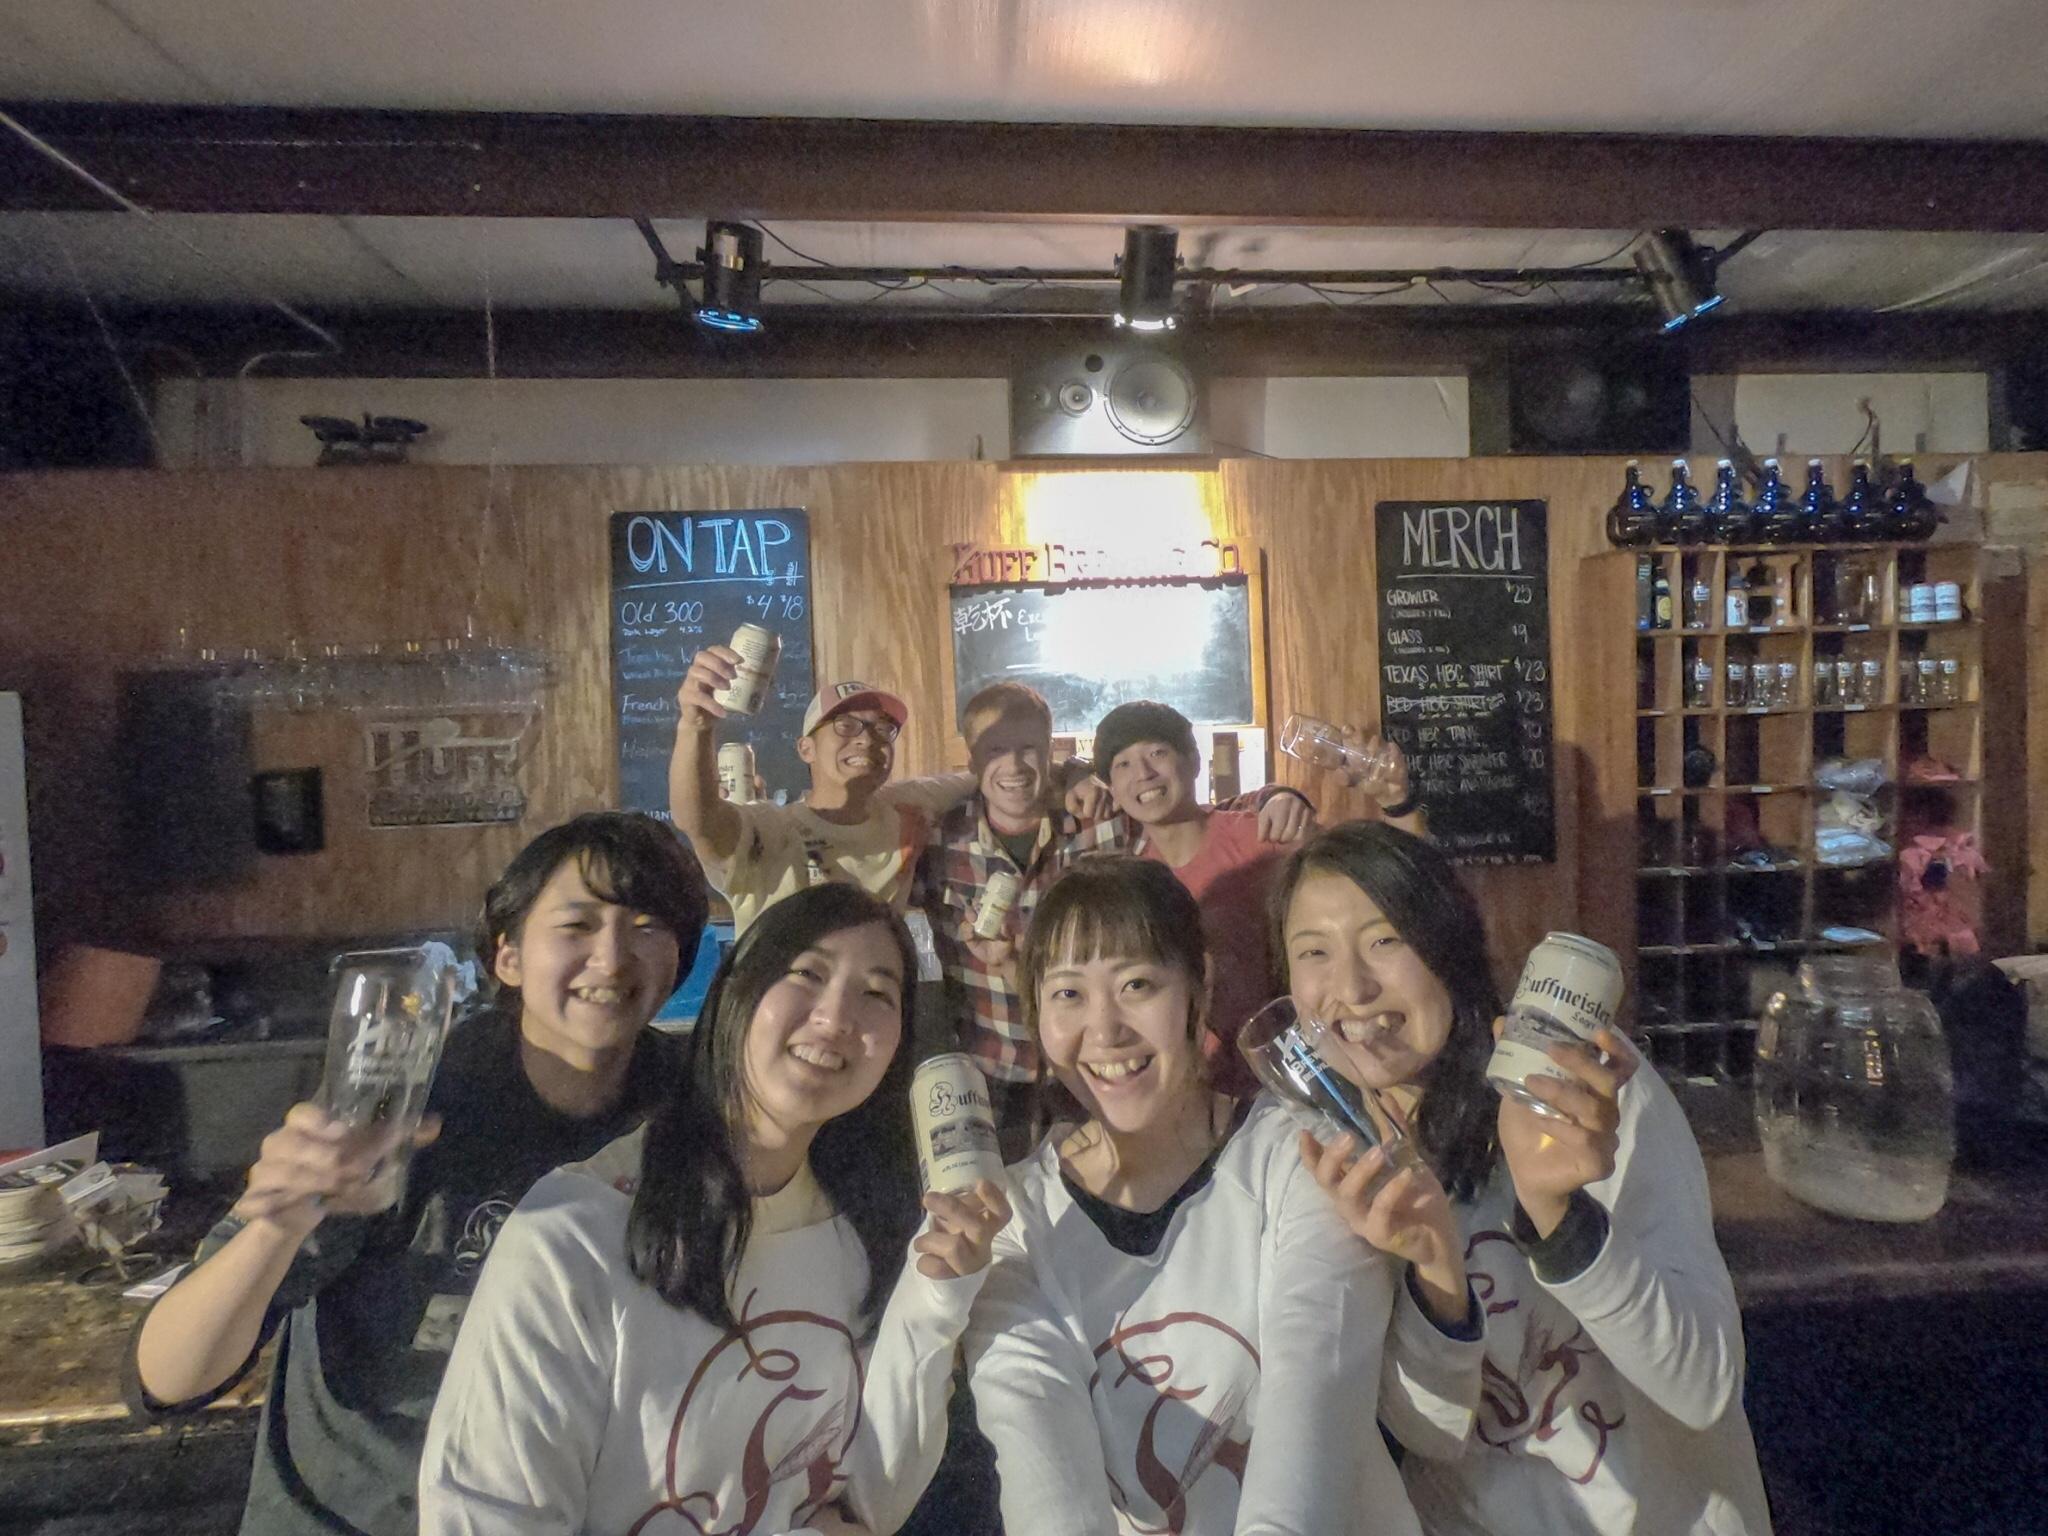 【アメリカ旅行7日目】キャッスルツアー・ライアン家とパーティー